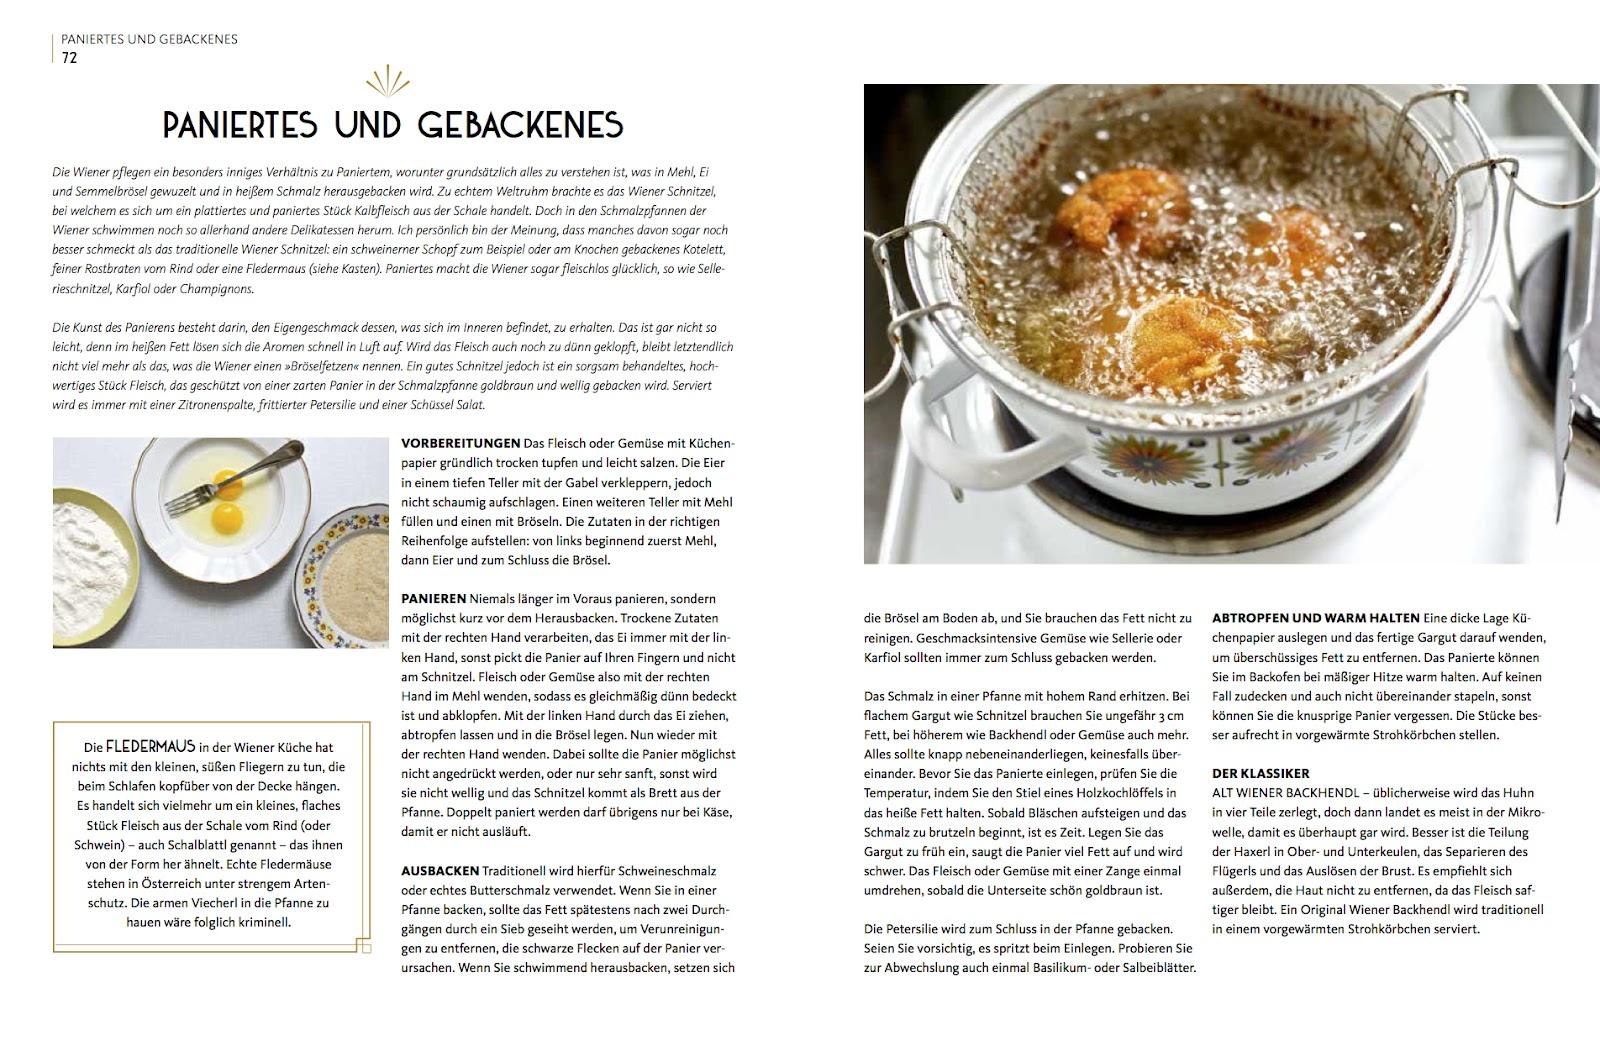 das kochbuch - was hat sie denn? was kann sie denn? was glaubt sie ... - österreichische Küche Kochbuch